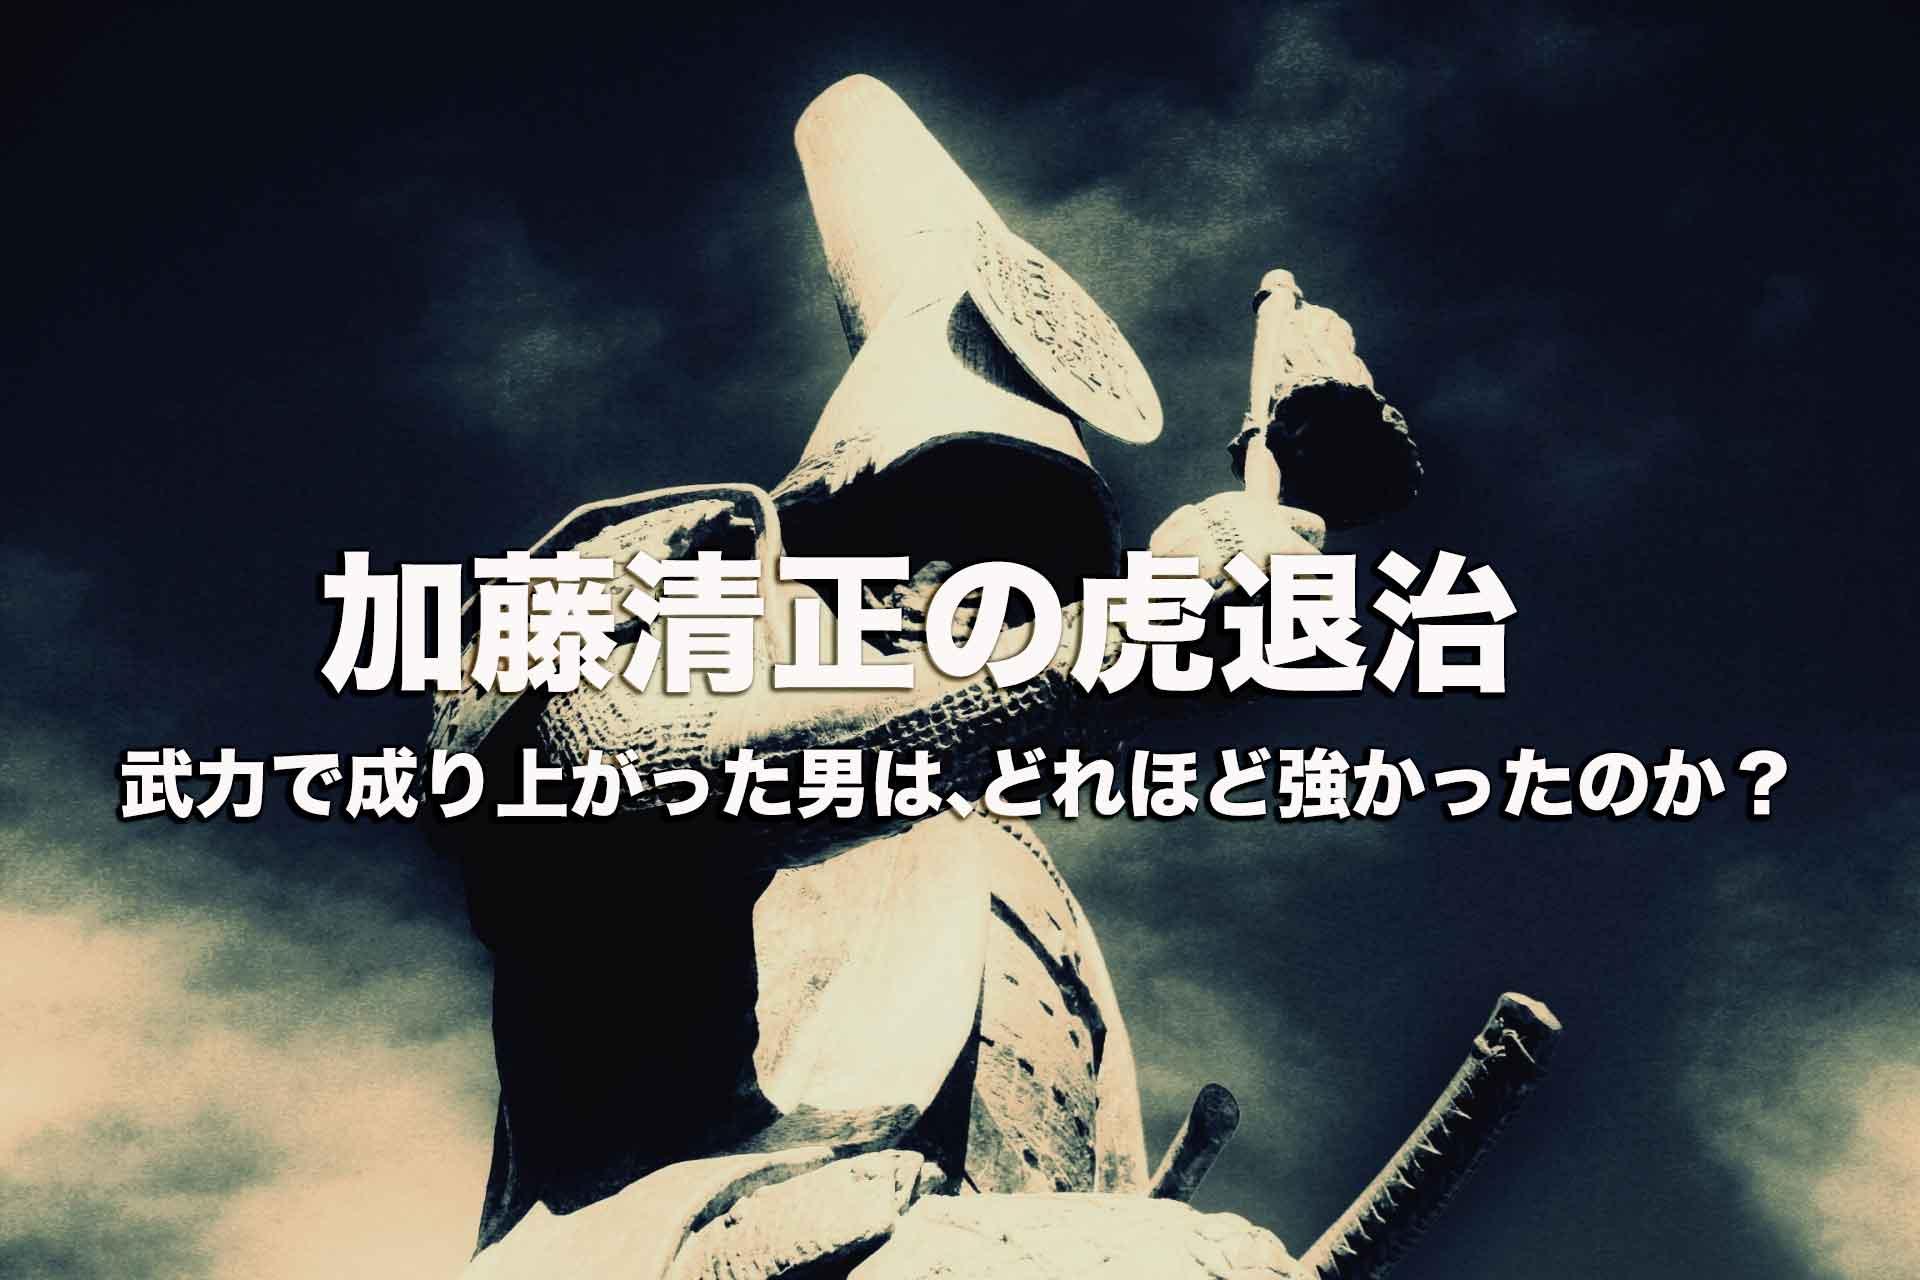 加藤清正の虎退治。武力で成り上がった男はどれほど強かったのか?